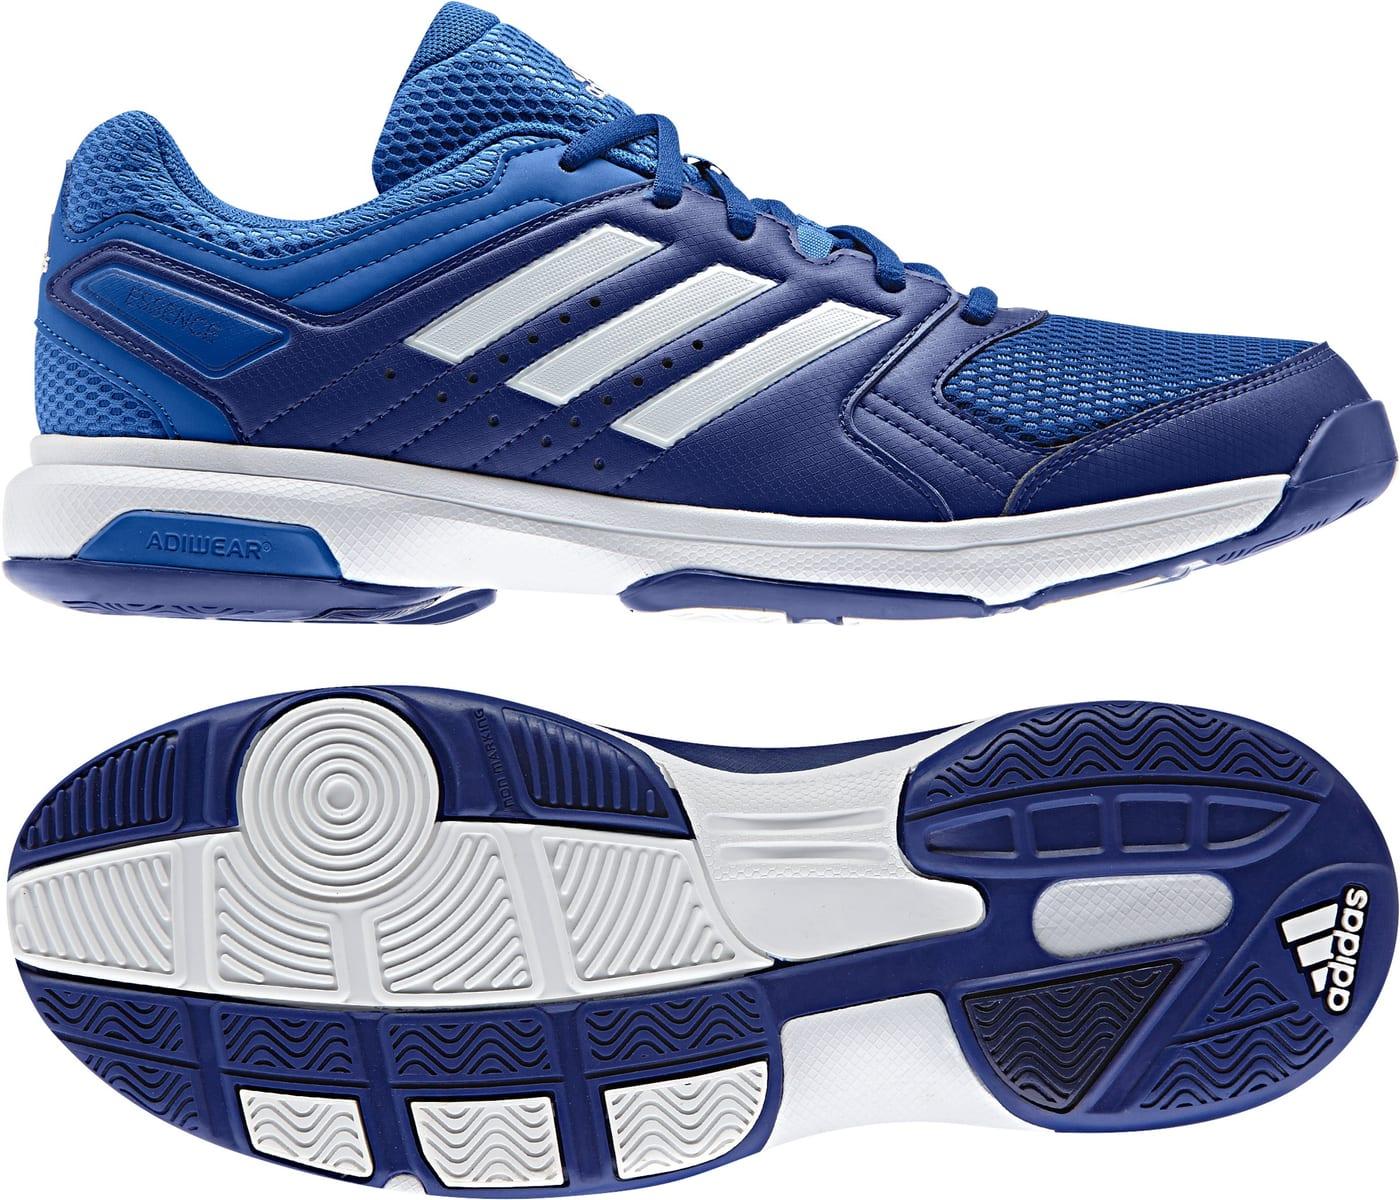 Chaussures Adidas D'intérieur Essence HommeMigros Pour J3lFK1Tc